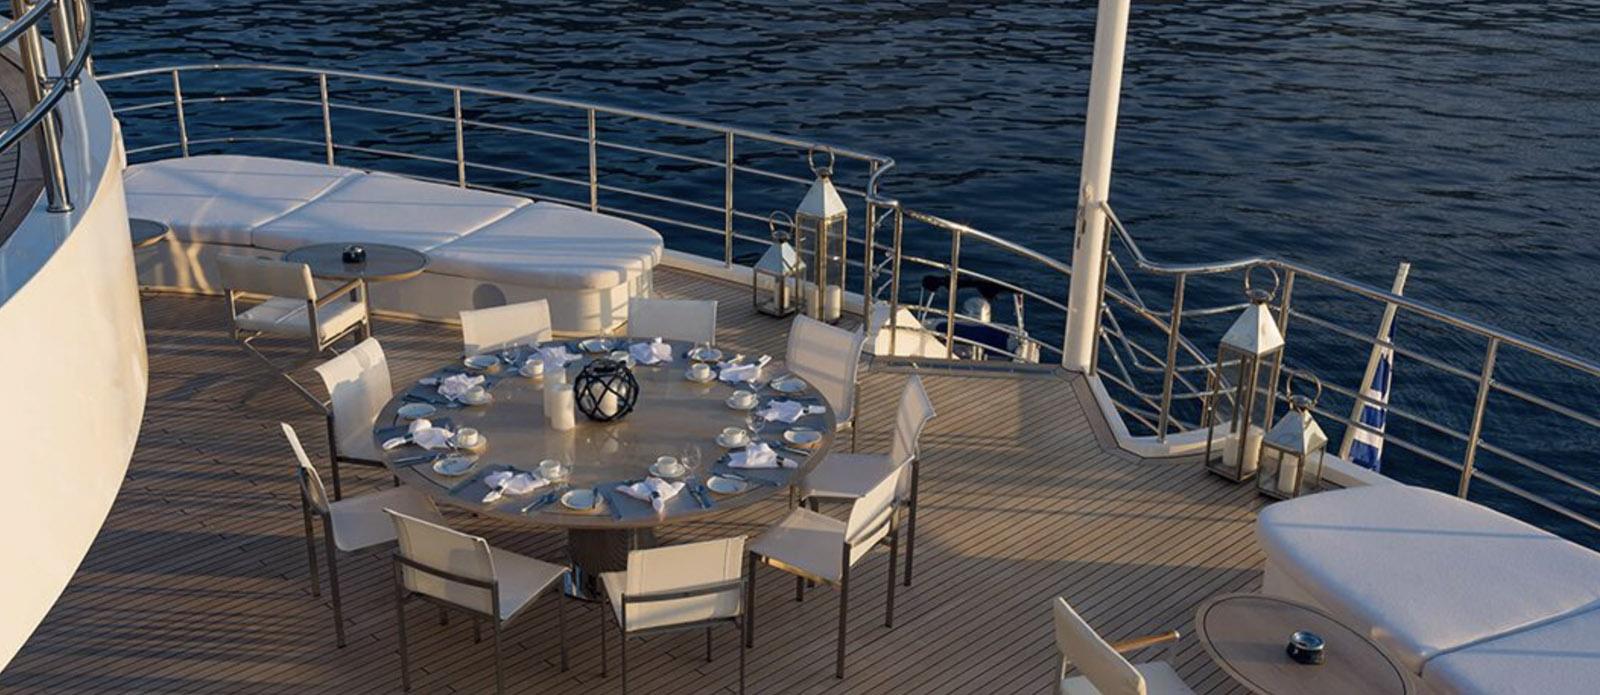 Serenity - Exterior Dining